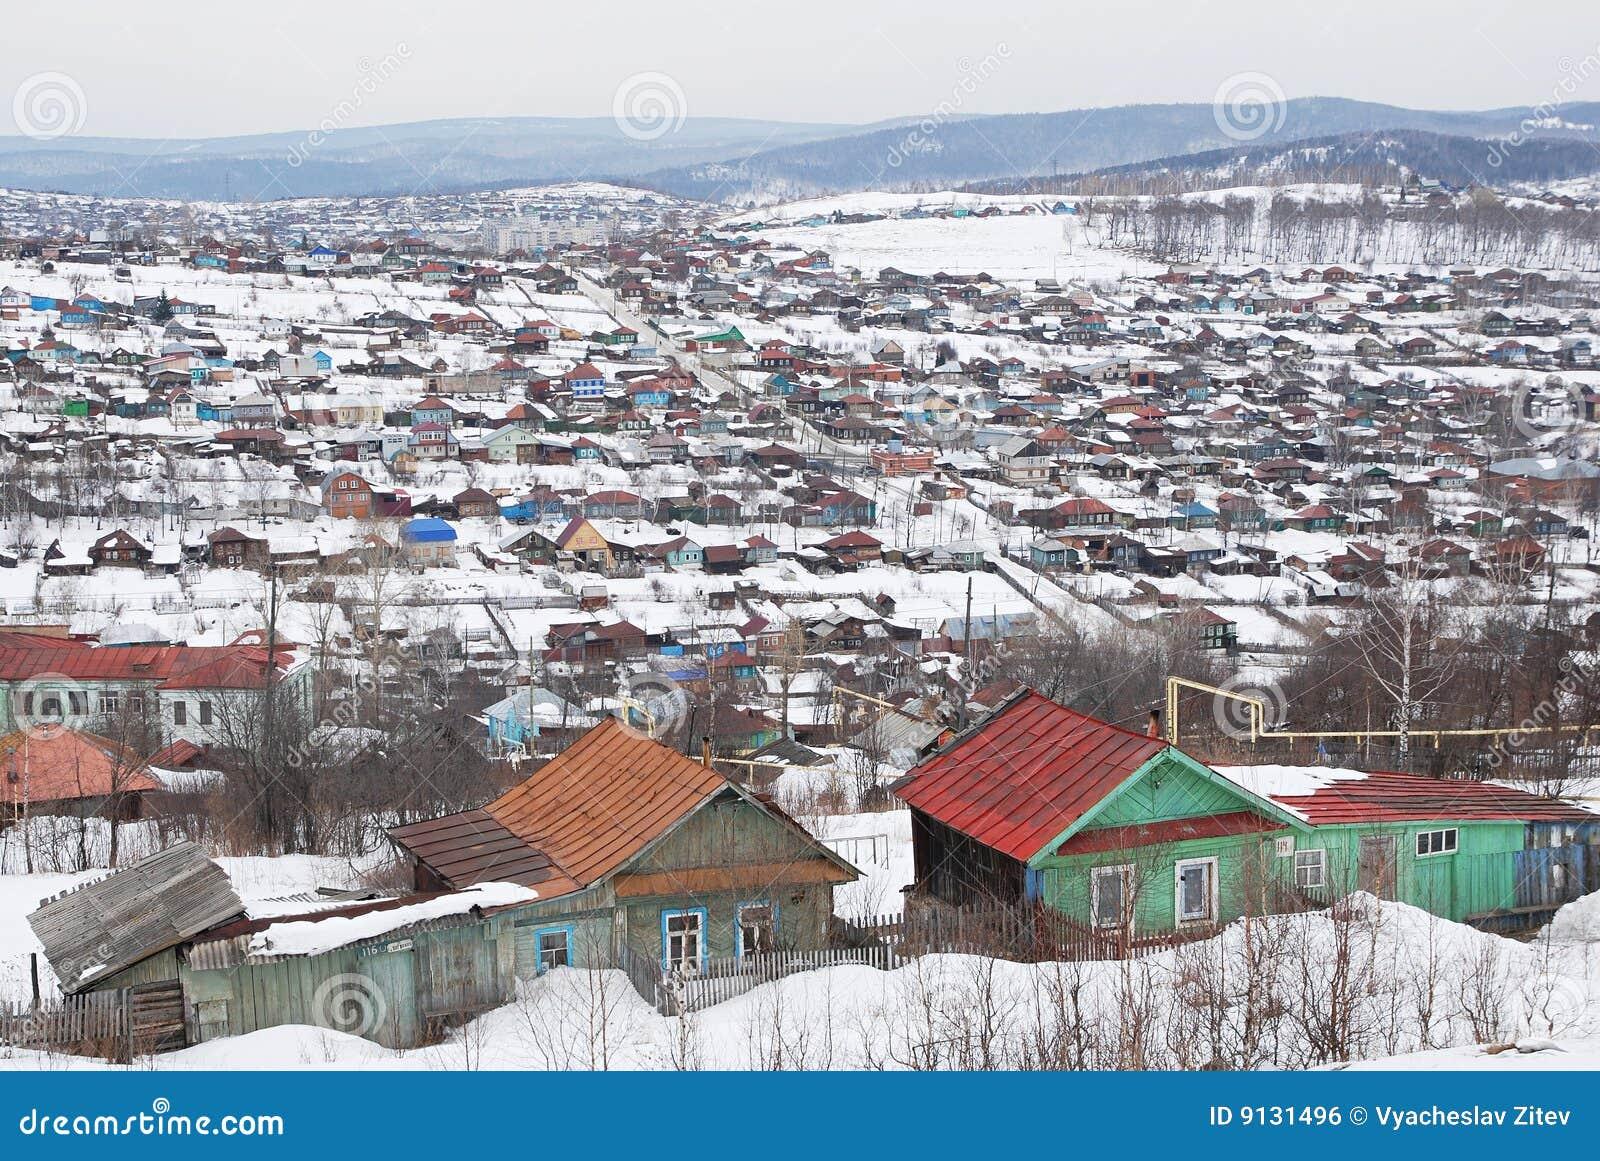 russisches dorf im winter stockfoto bild von russisch 9131496. Black Bedroom Furniture Sets. Home Design Ideas